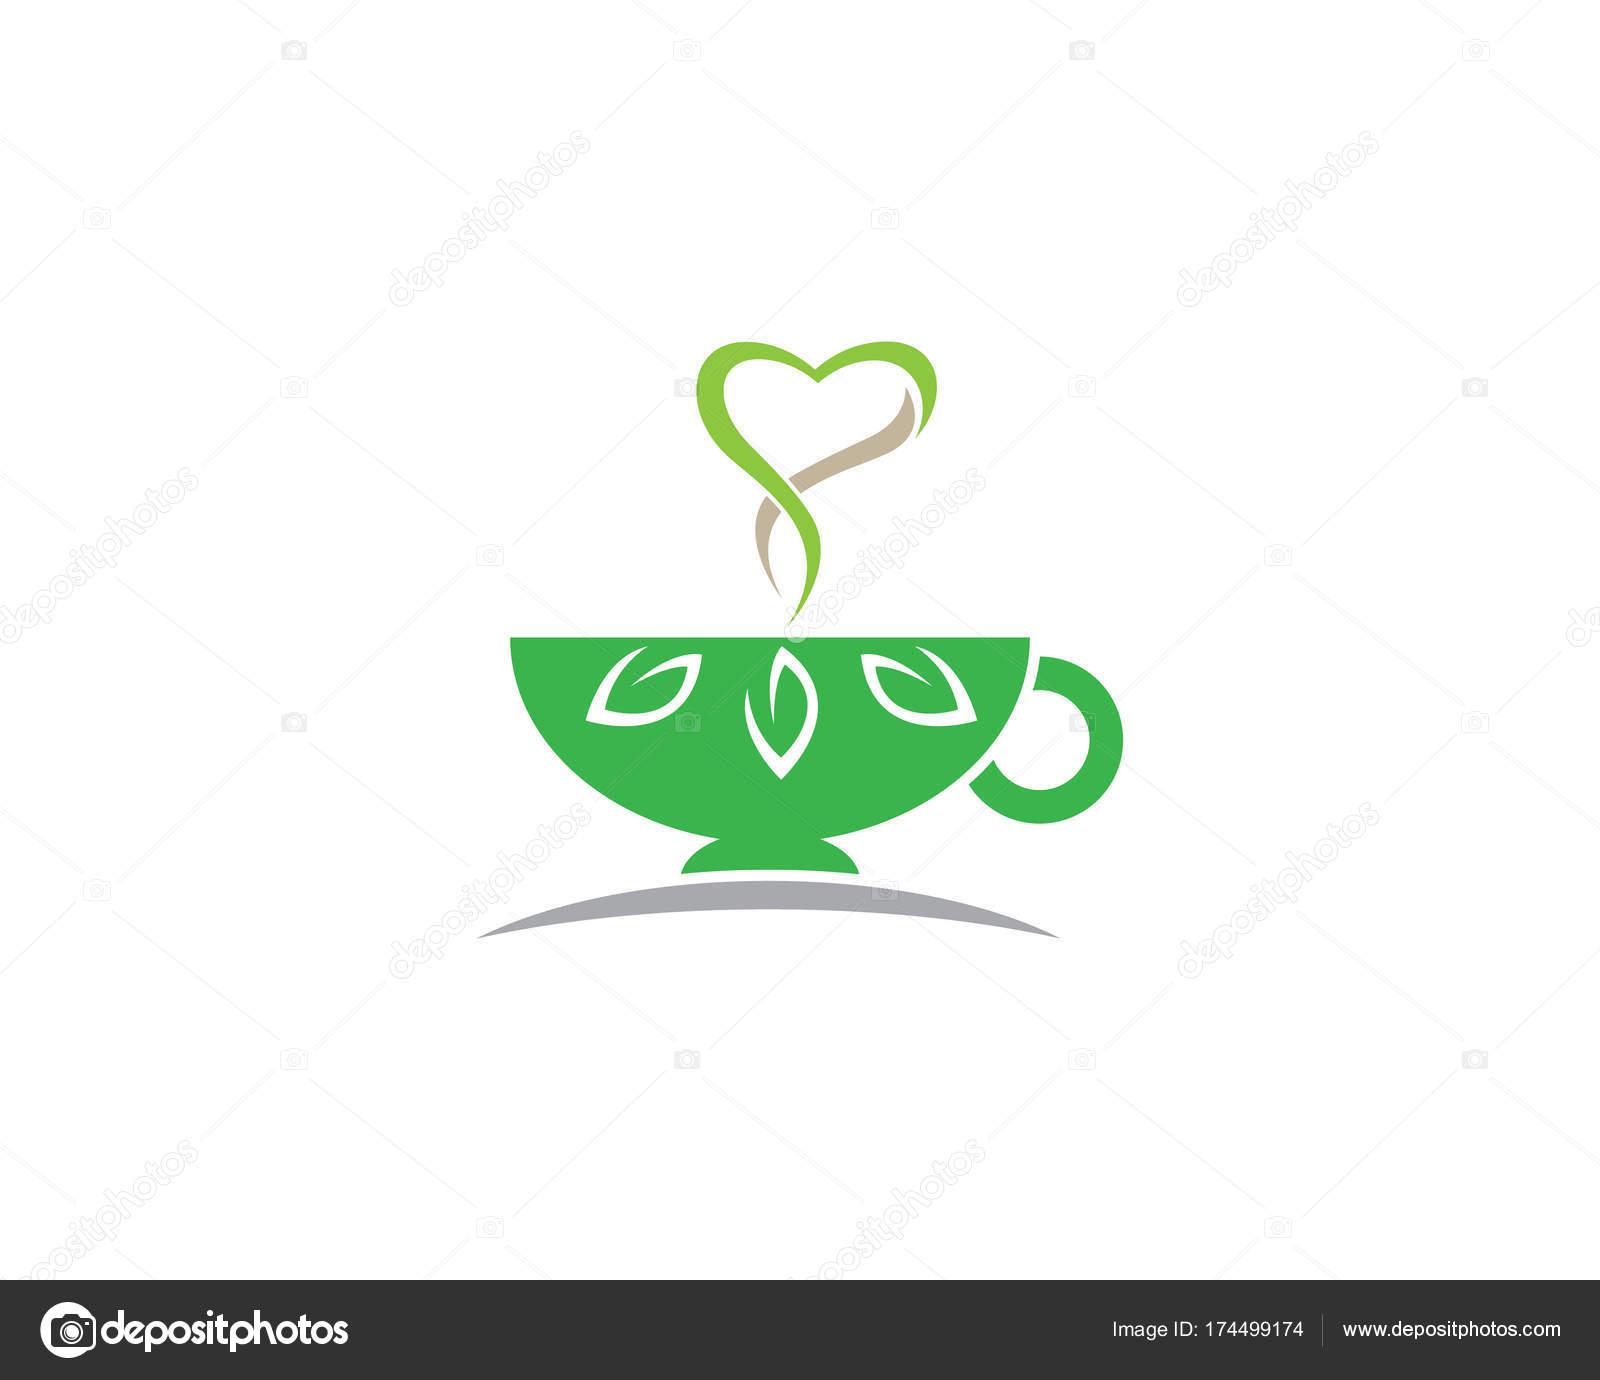 Tea cup logo template stock vector elaelo 174499174 tea cup logo template stock vector maxwellsz